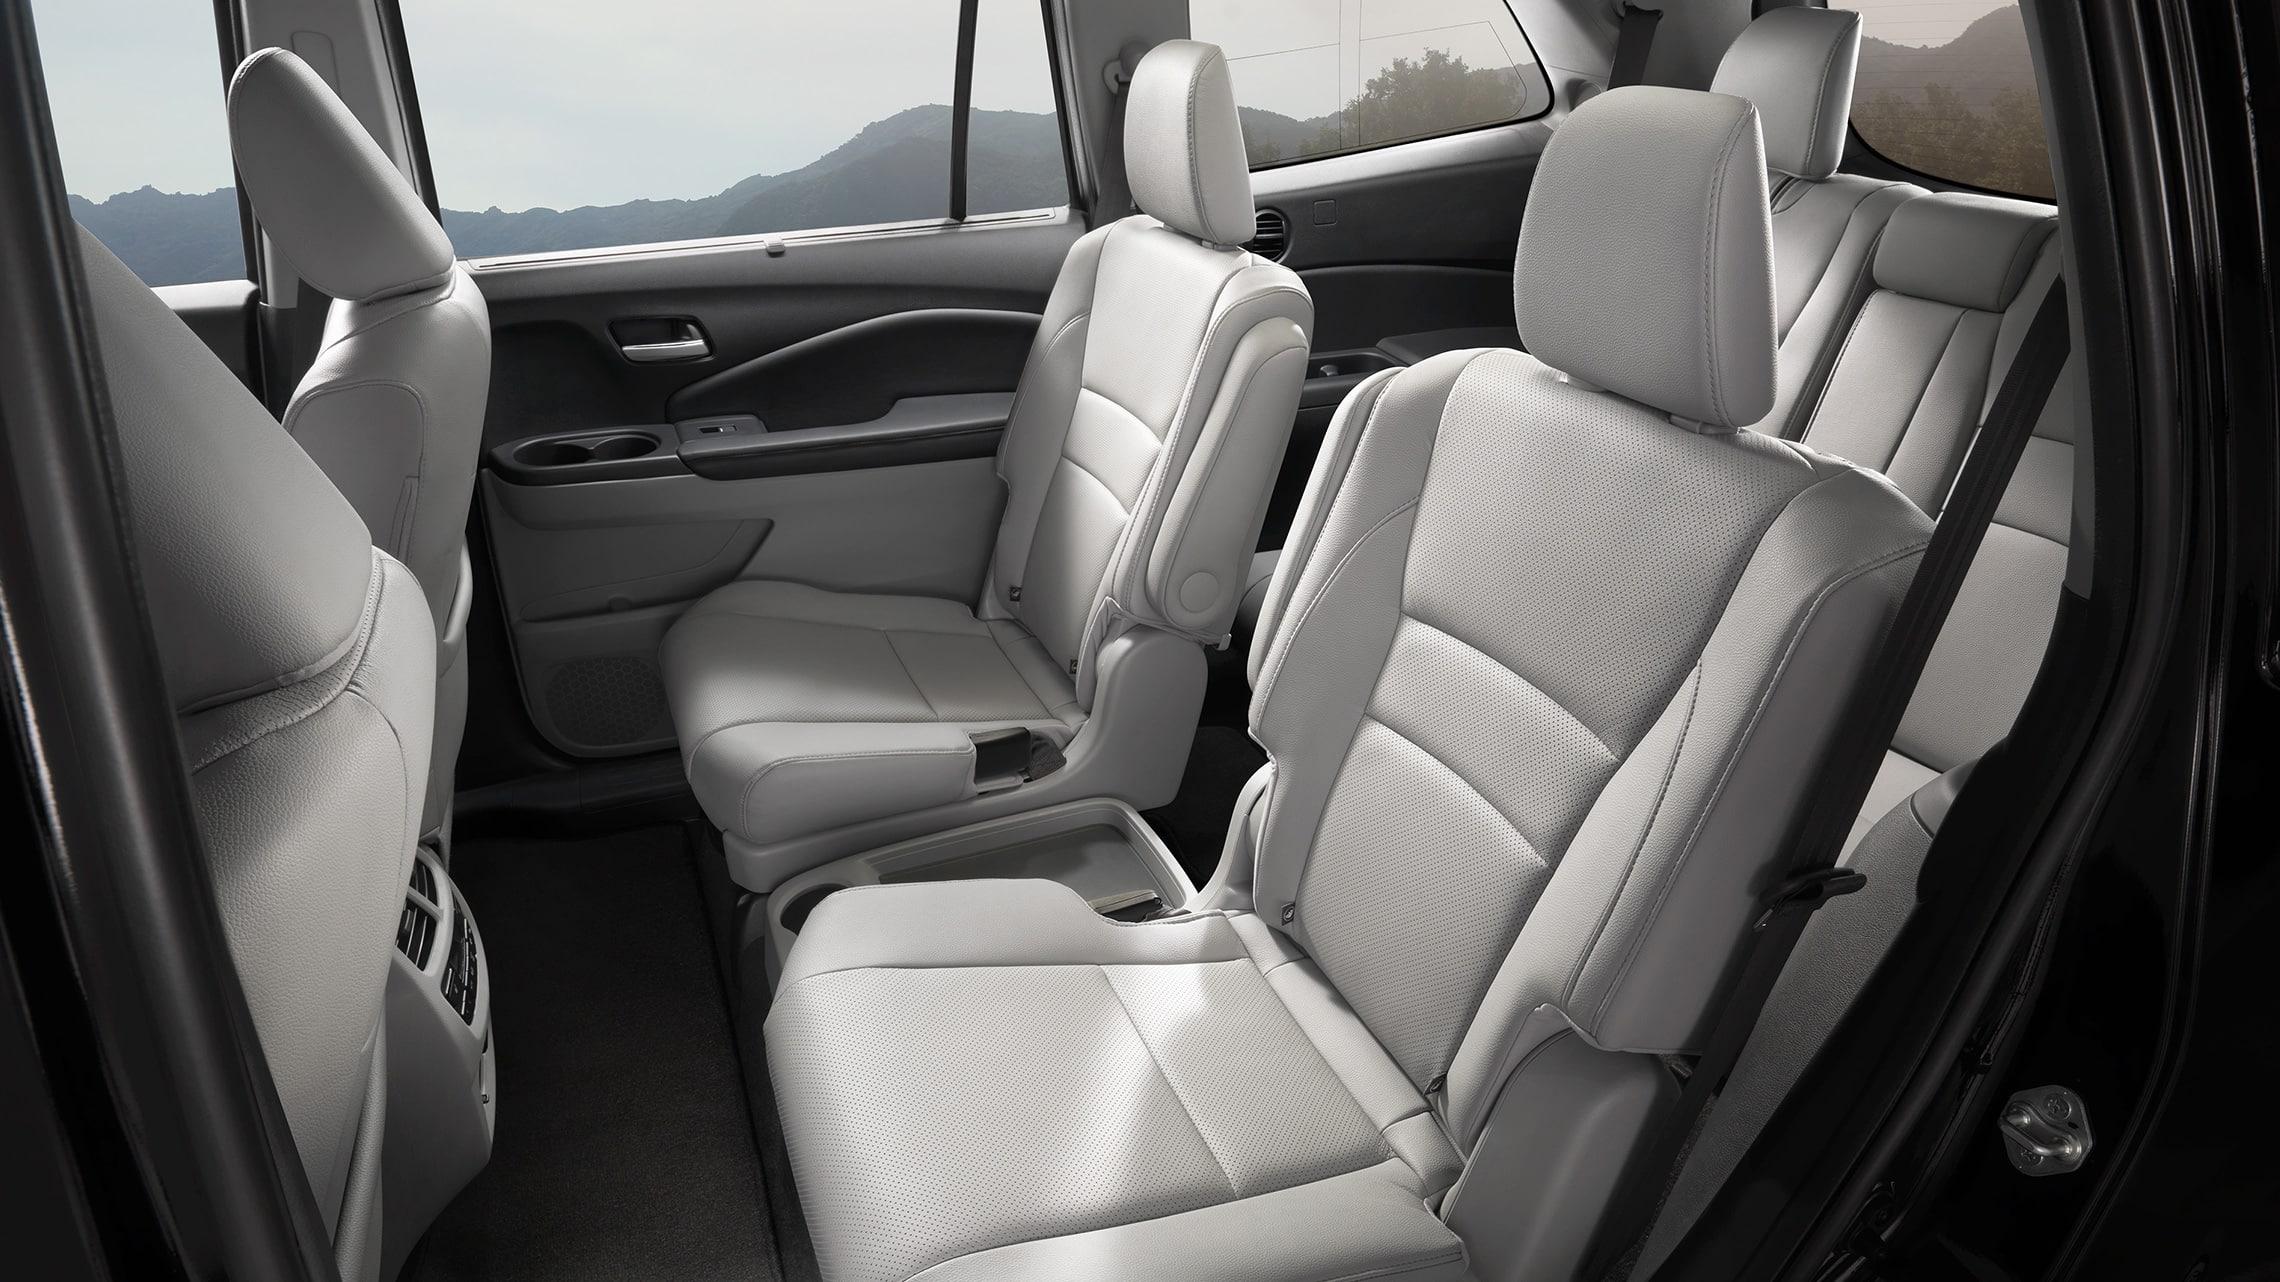 Detalle de los asientos tipo capitán en la segunda fila de la Honda PilotElite2021 con Gray Leather.